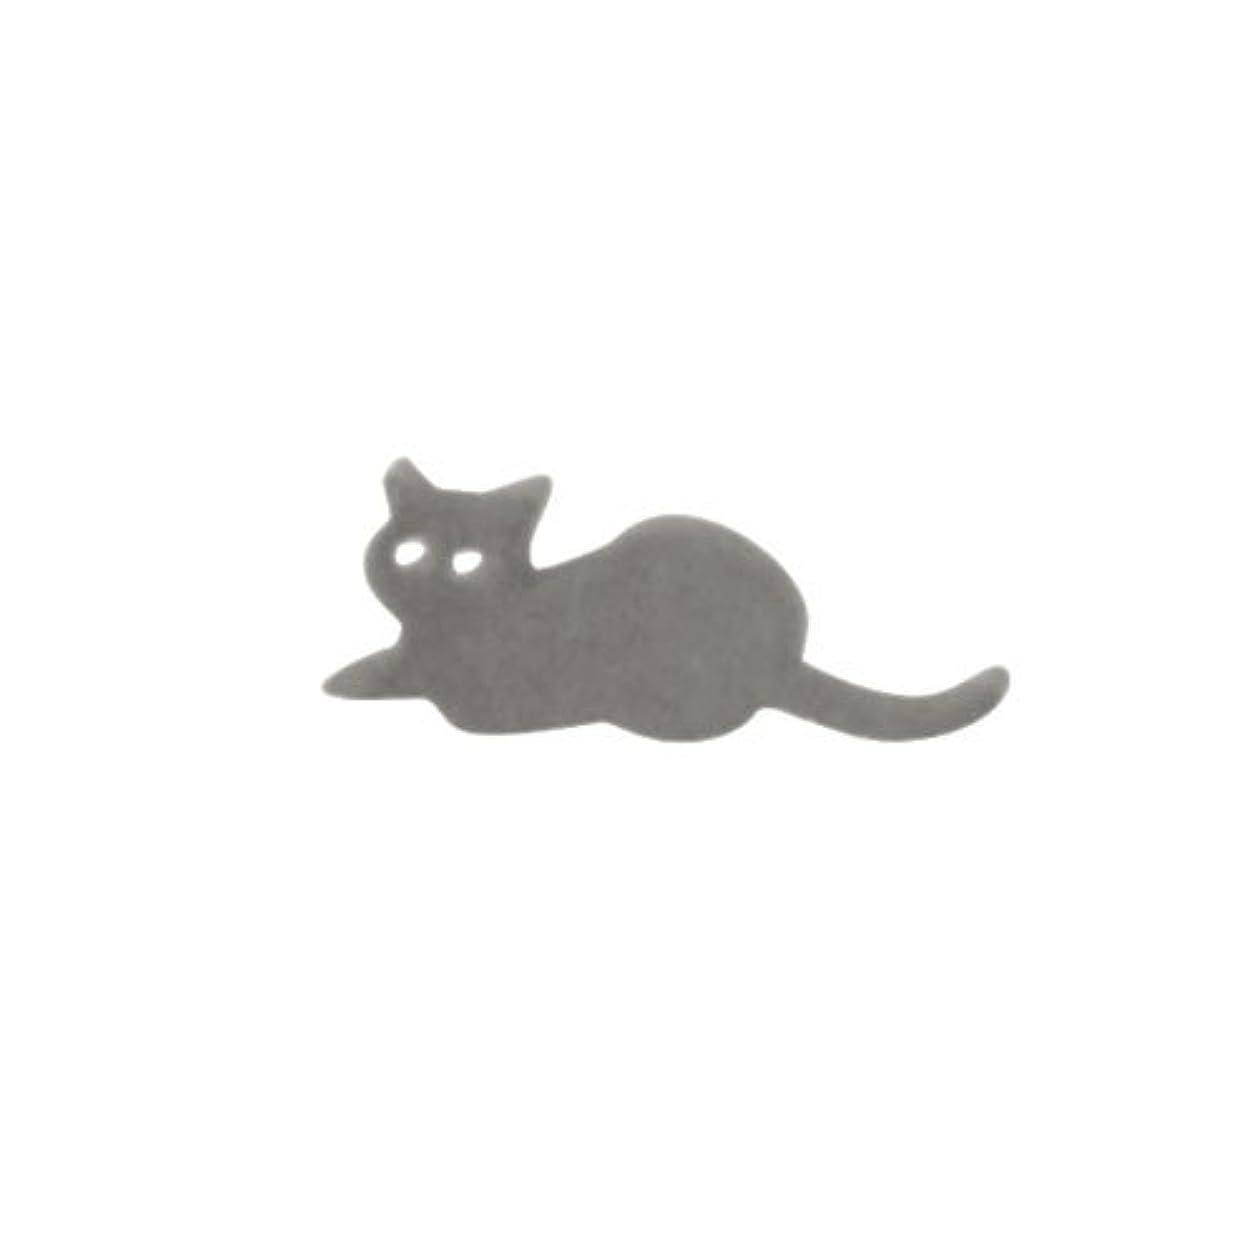 メタルライン師匠白鳥リトルプリティー ネイルアートパーツ 猫5 シルバー 10個